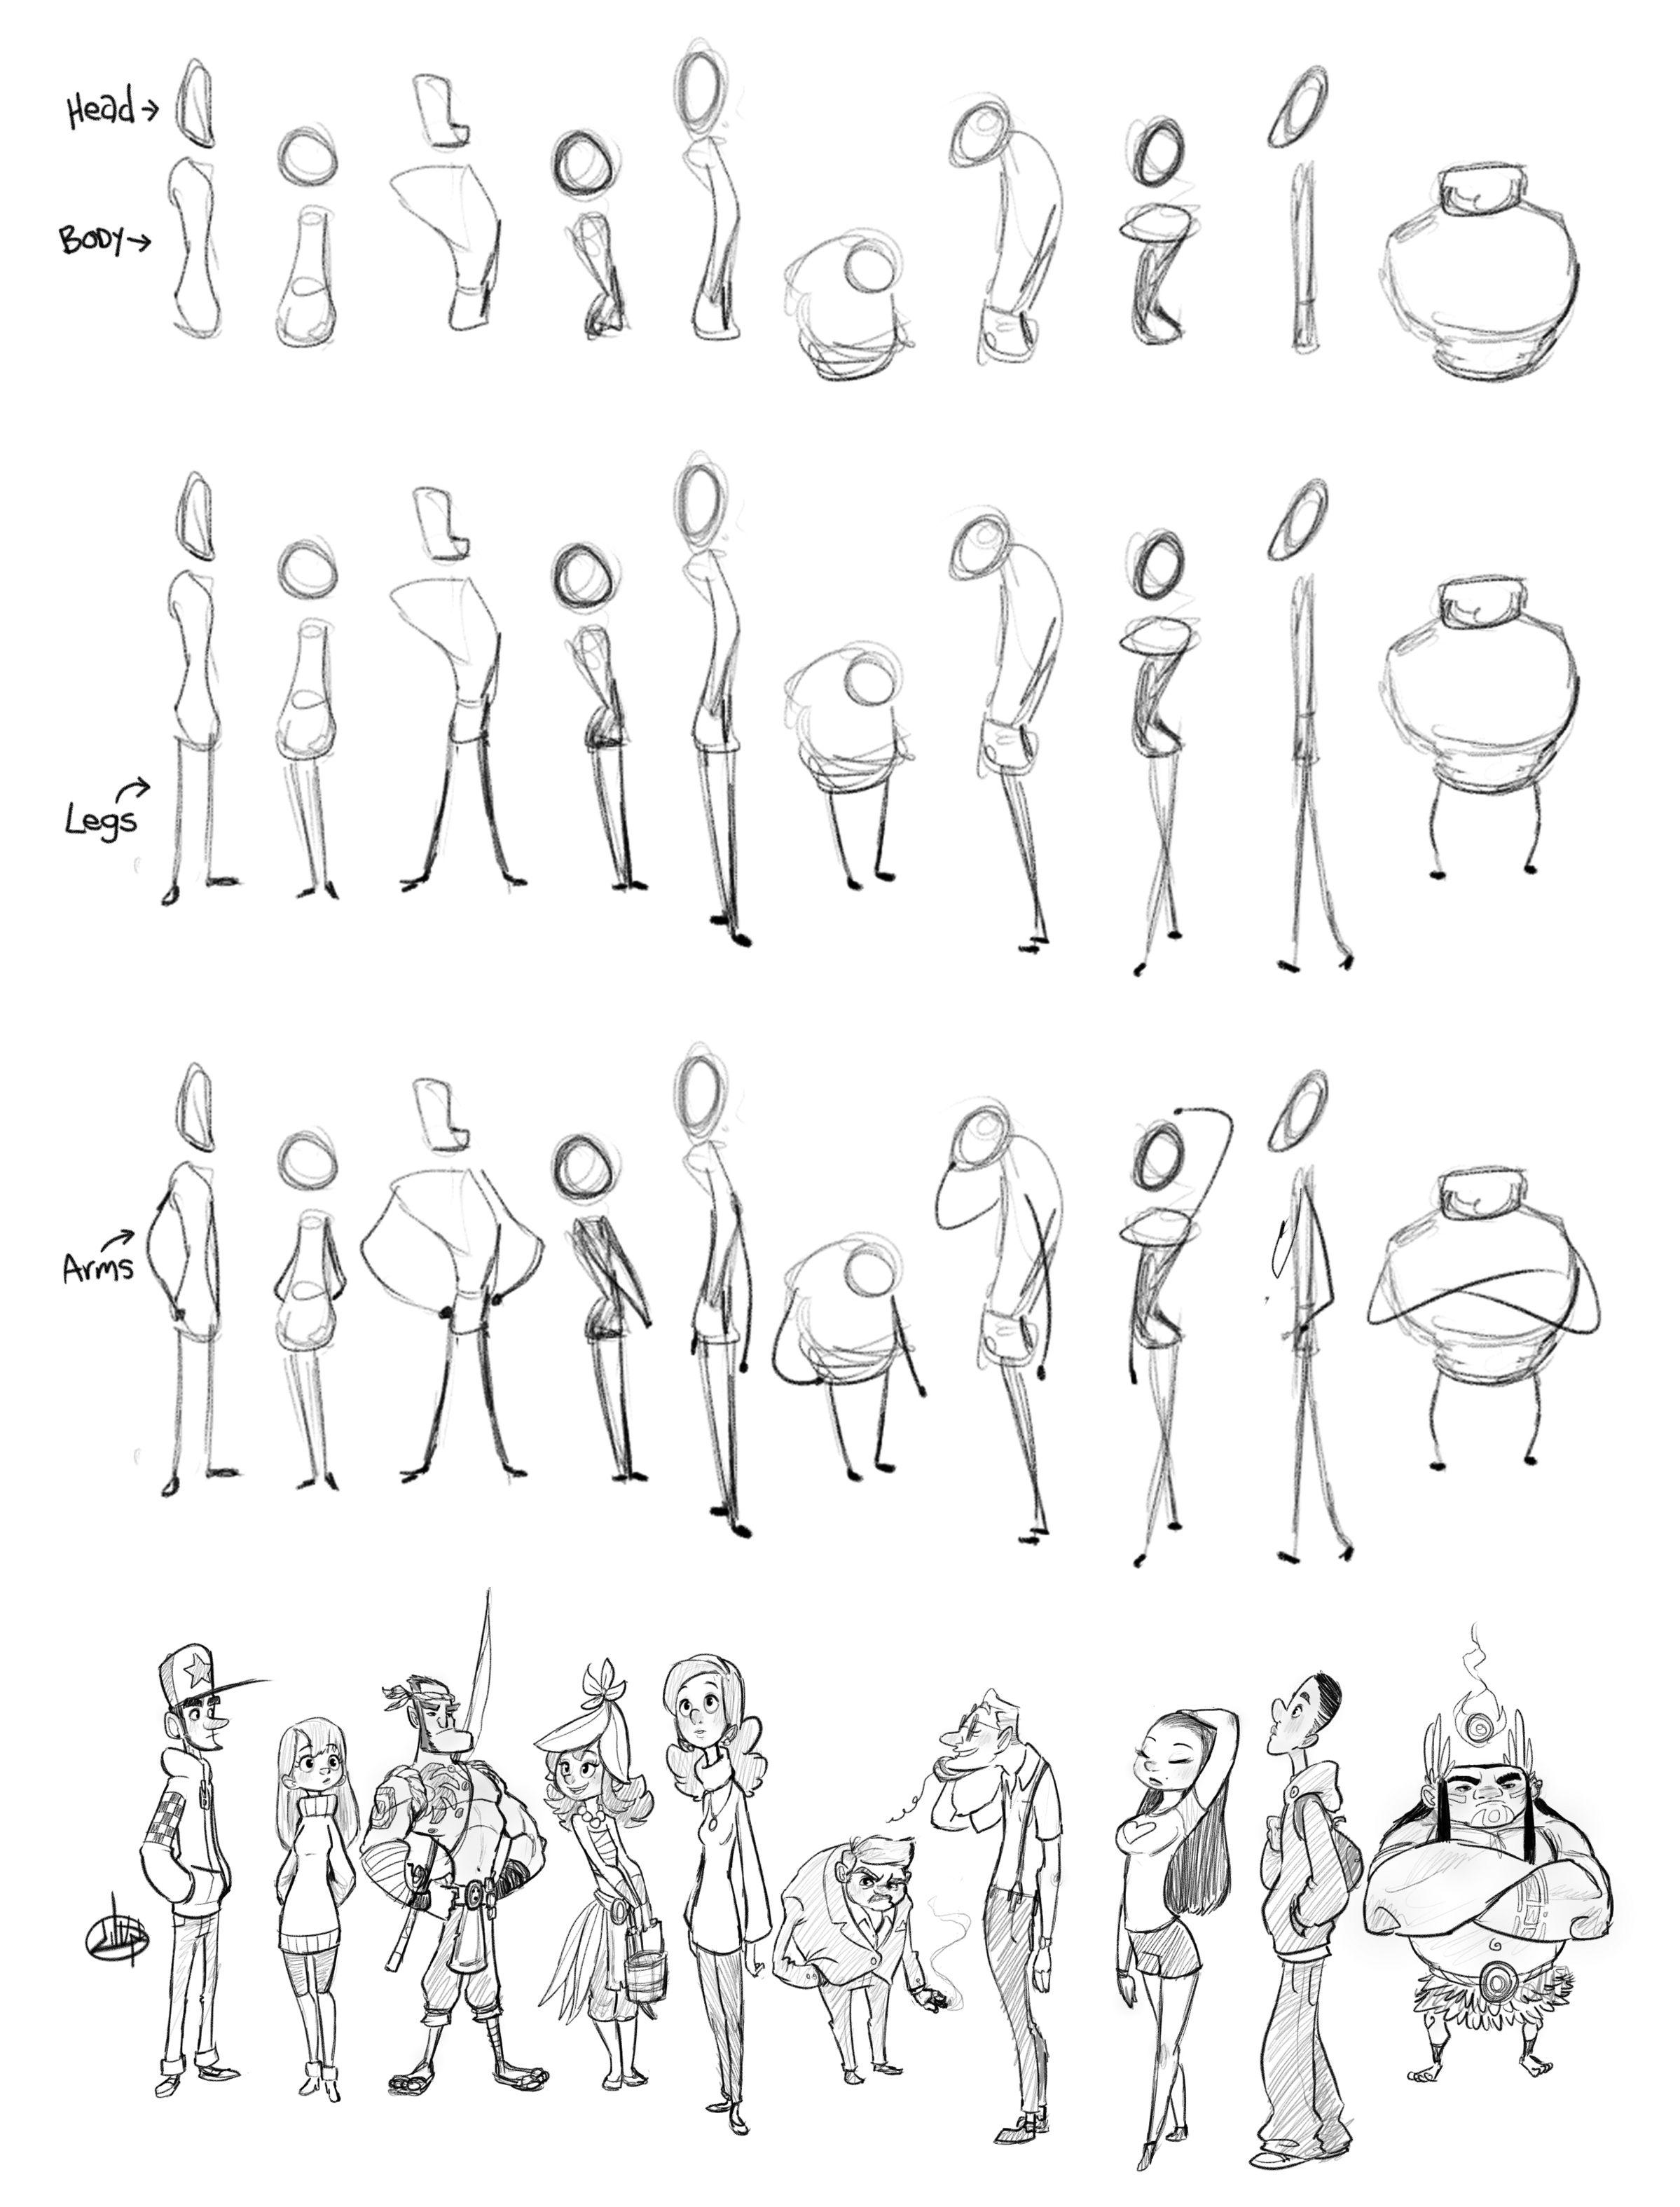 Shapes For Character Design : Body shape design luigil types pinterest